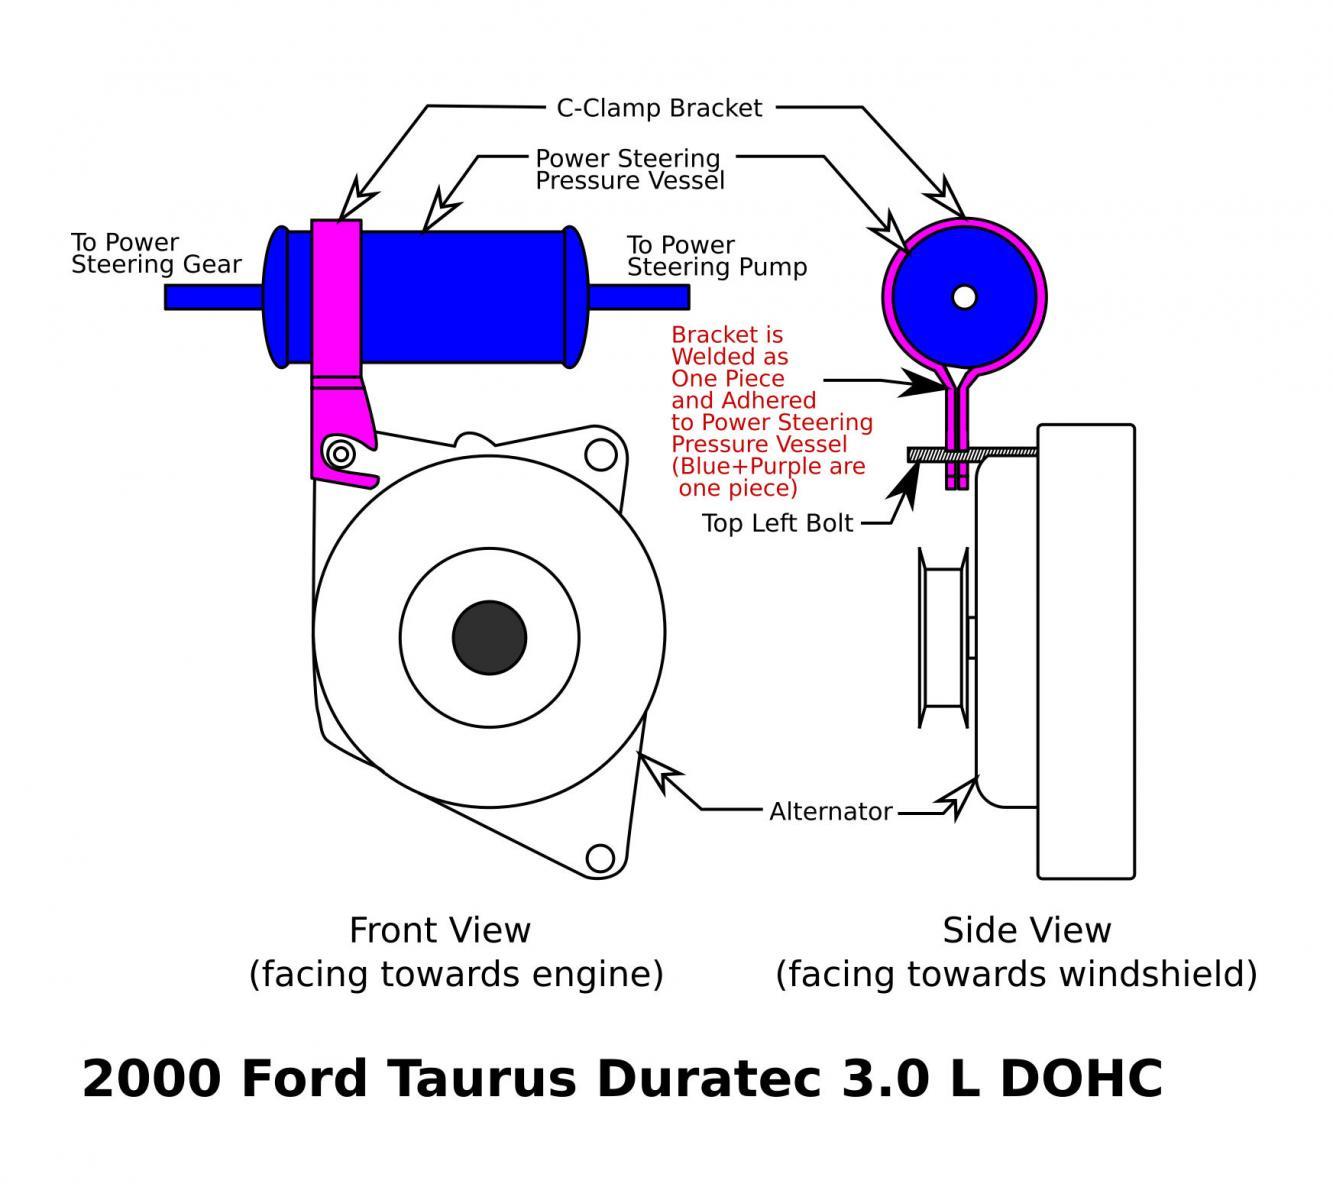 Alternator Replacement Guide 2000 Ford Taurus Duratec Dohc Taurus Car Club Of America Ford Taurus Forum